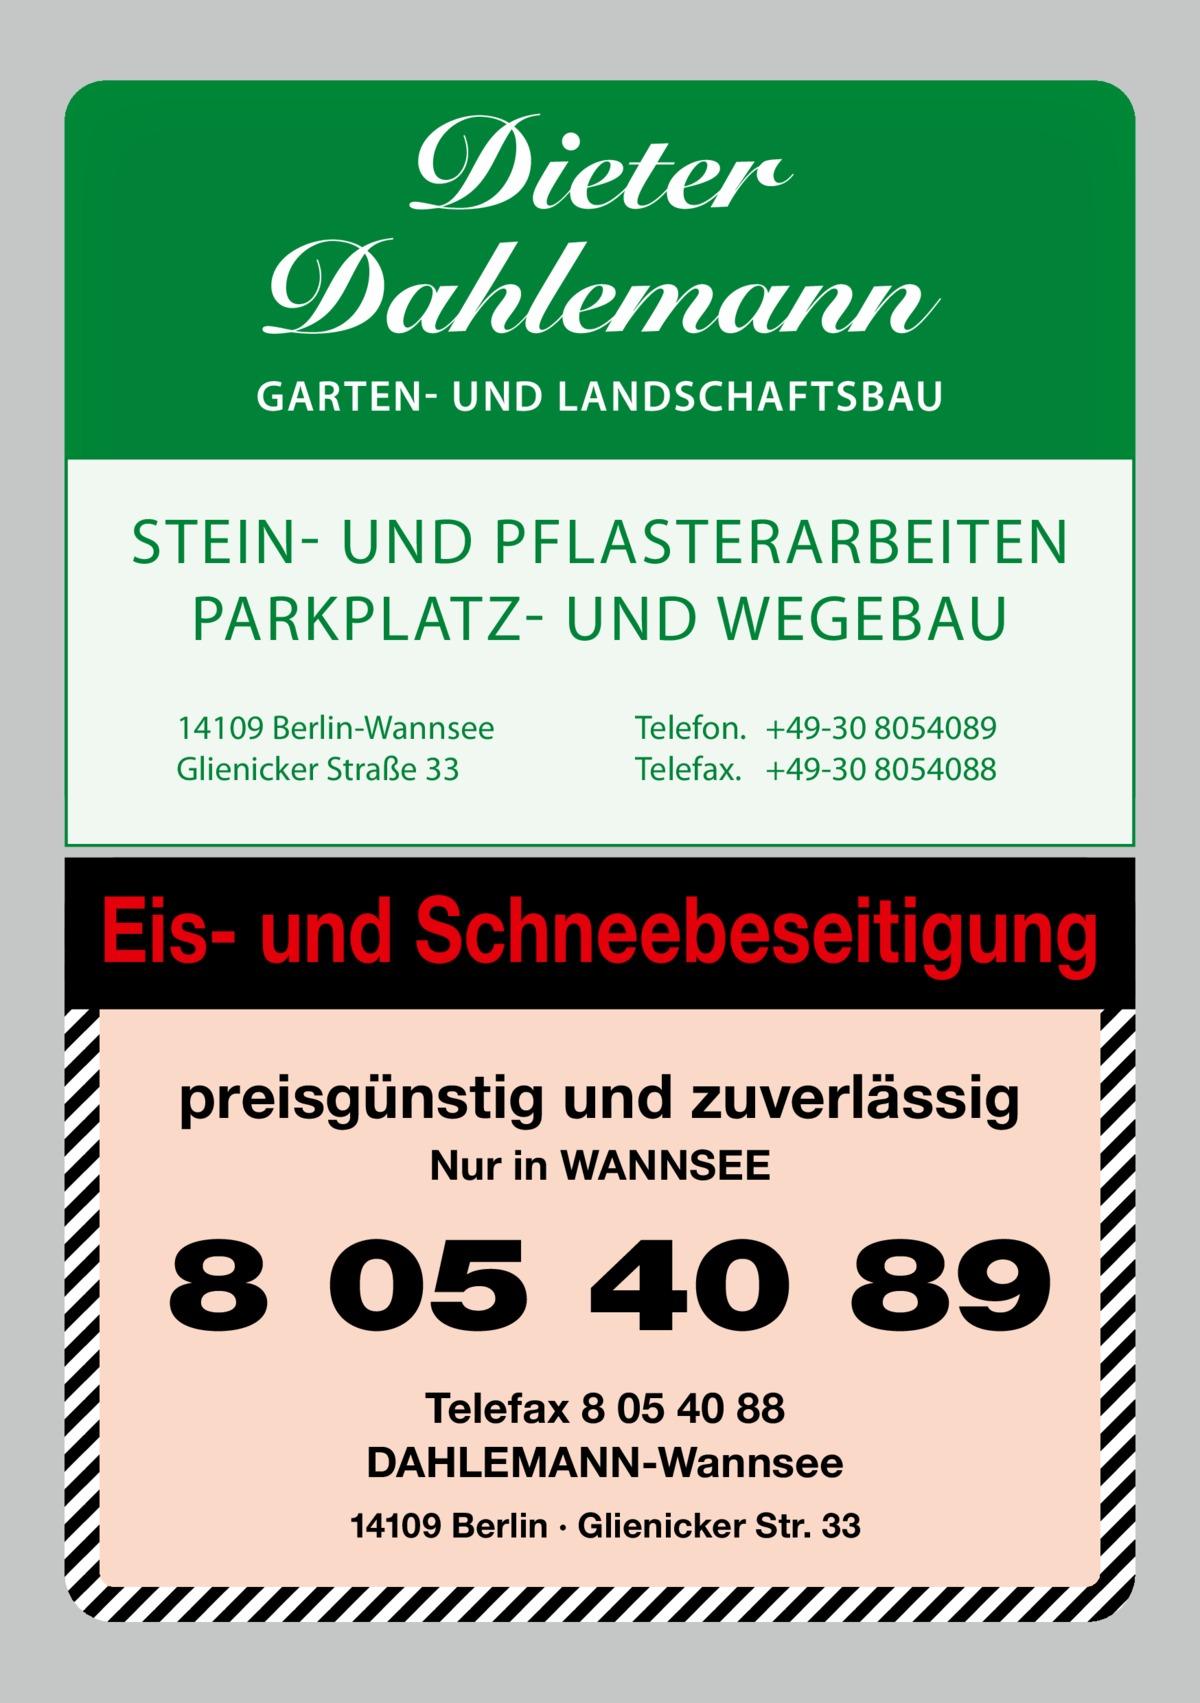 Dieter Dahlemann  GARTEN- UND LANDSCHAFTSBAU  STEIN- UND PFLASTERARBEITEN PARKPLATZ- UND WEGEBAU 14109 Berlin-Wannsee Glienicker Straße 33  Telefon. +49-30 8054089 Telefax. +49-30 8054088  Eis- und Schneebeseitigung preisgünstig und zuverlässig Nur in WANNSEE  8 05 40 89 Telefax 8 05 40 88 DAHLEMANN-Wannsee 14109 Berlin · Glienicker Str. 33